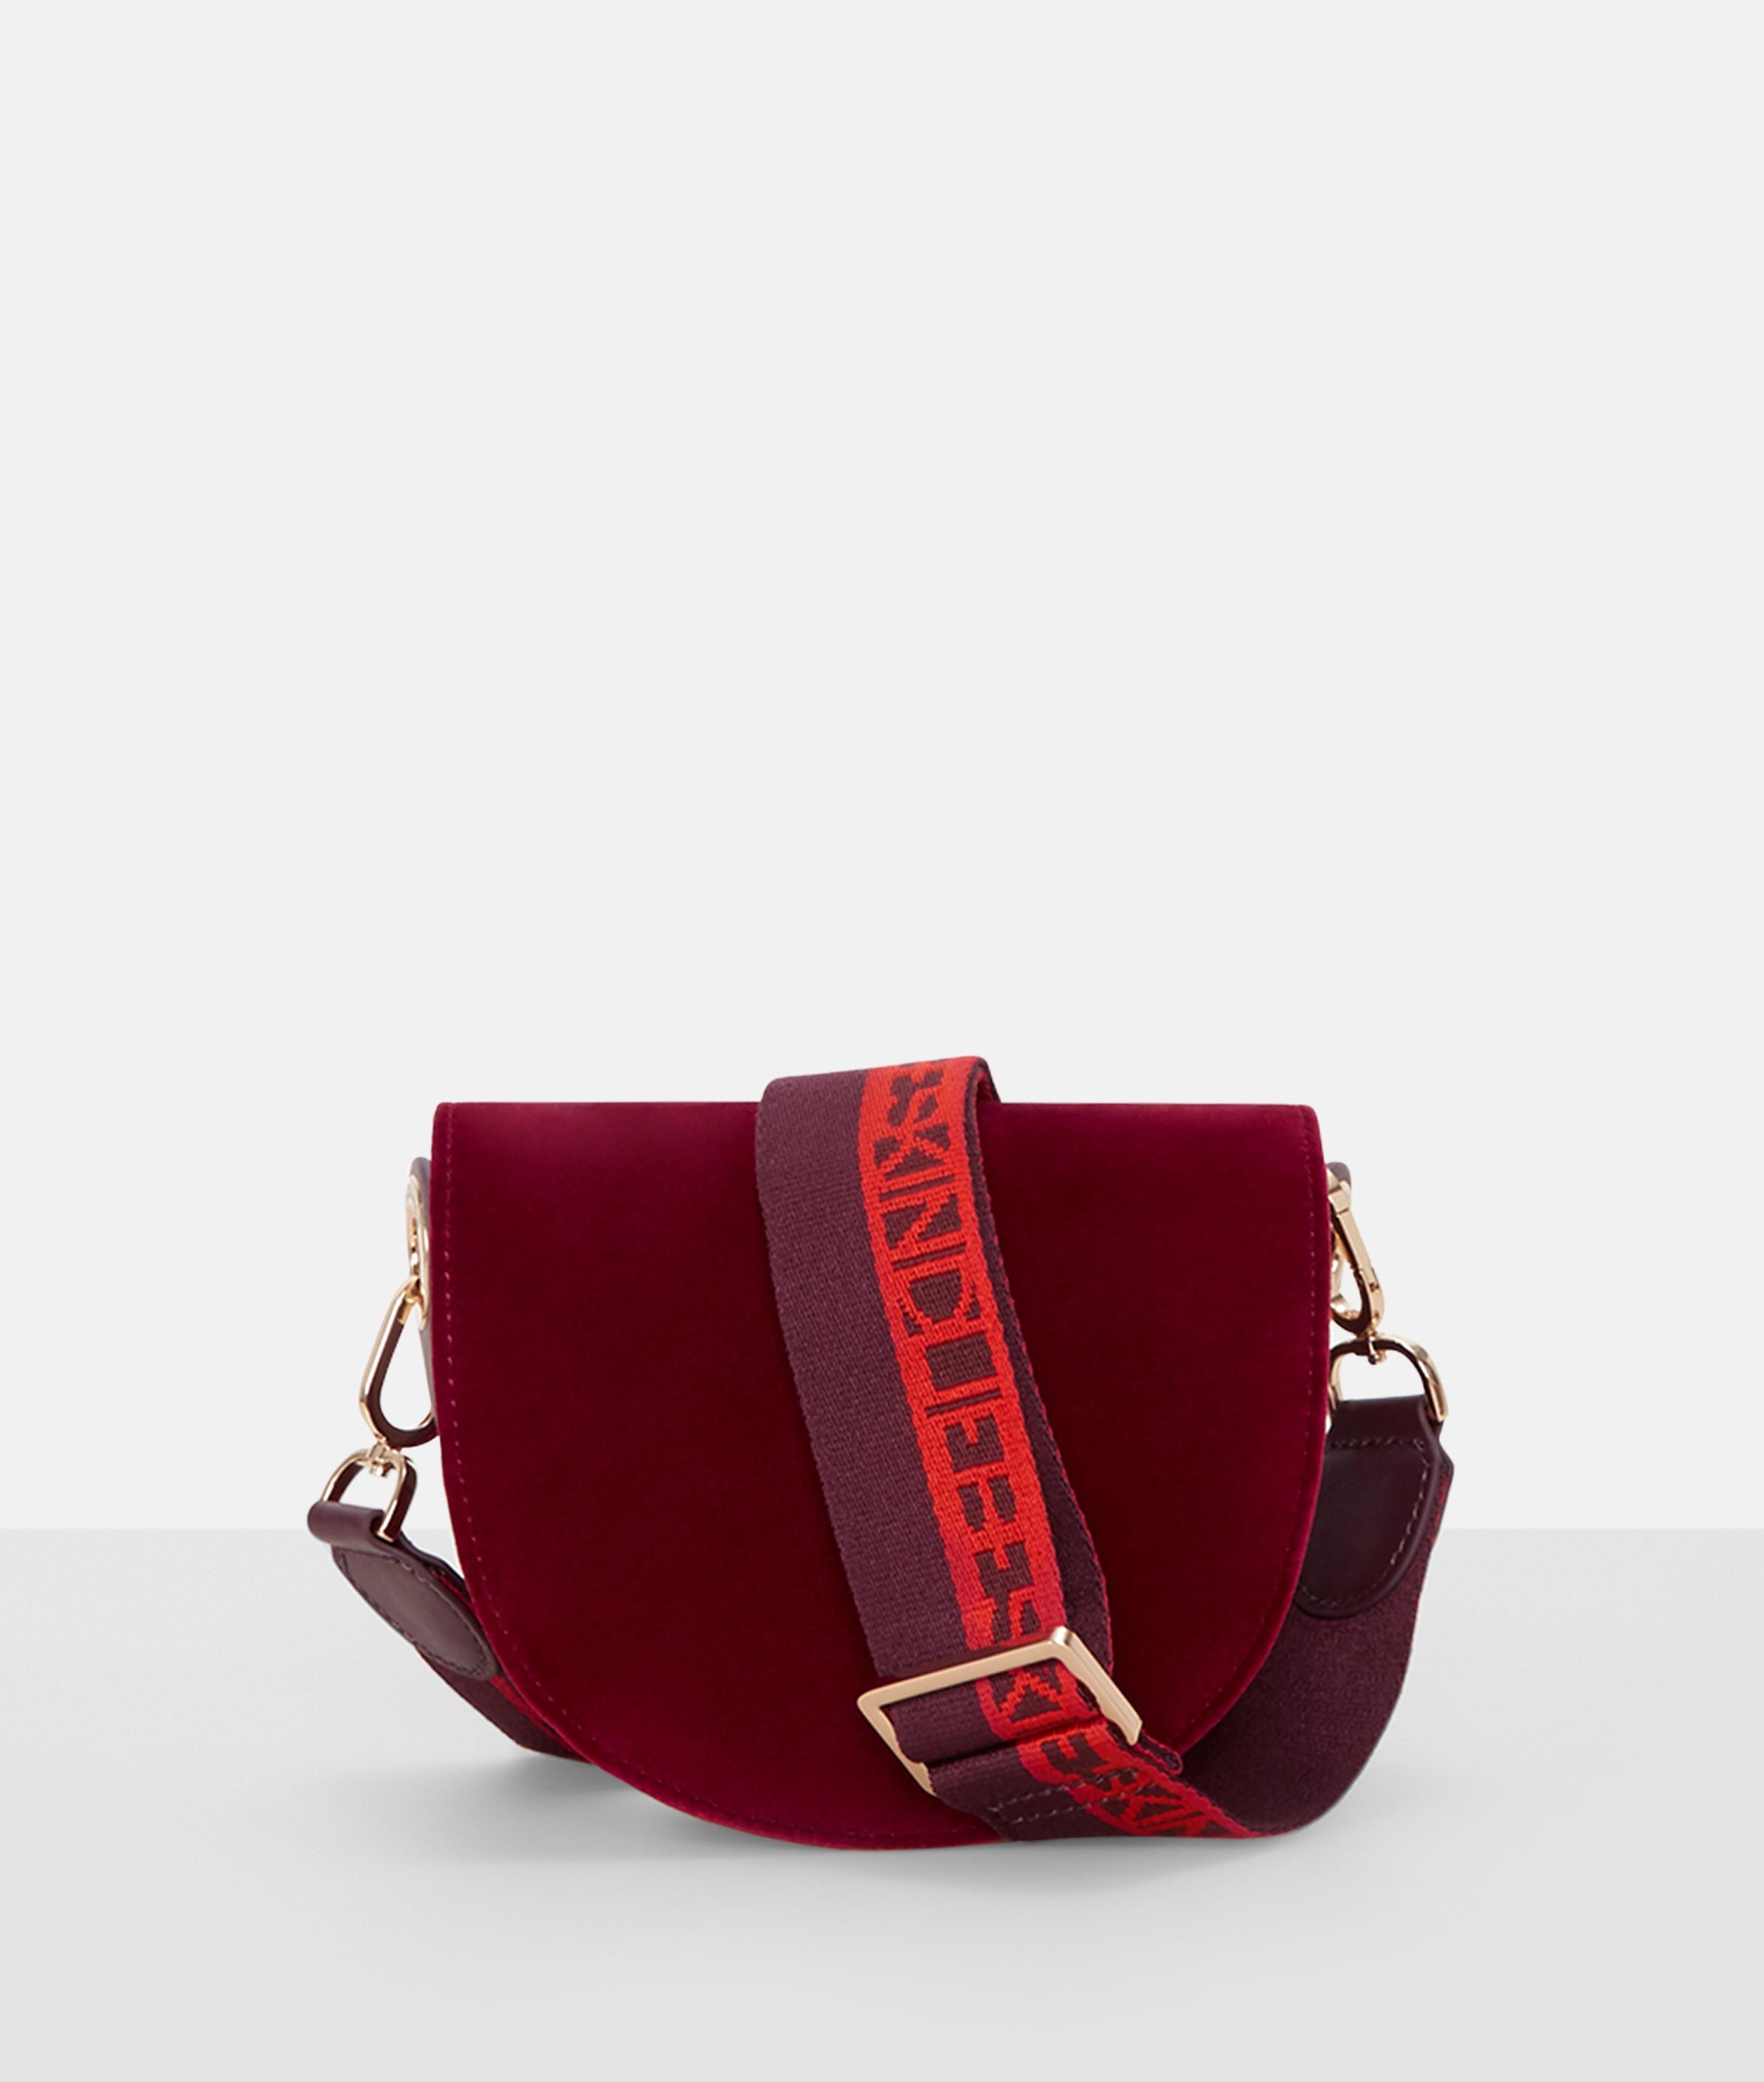 liebeskind berlin - Tasche MixeDbag Velvet Belt Bag, Pink